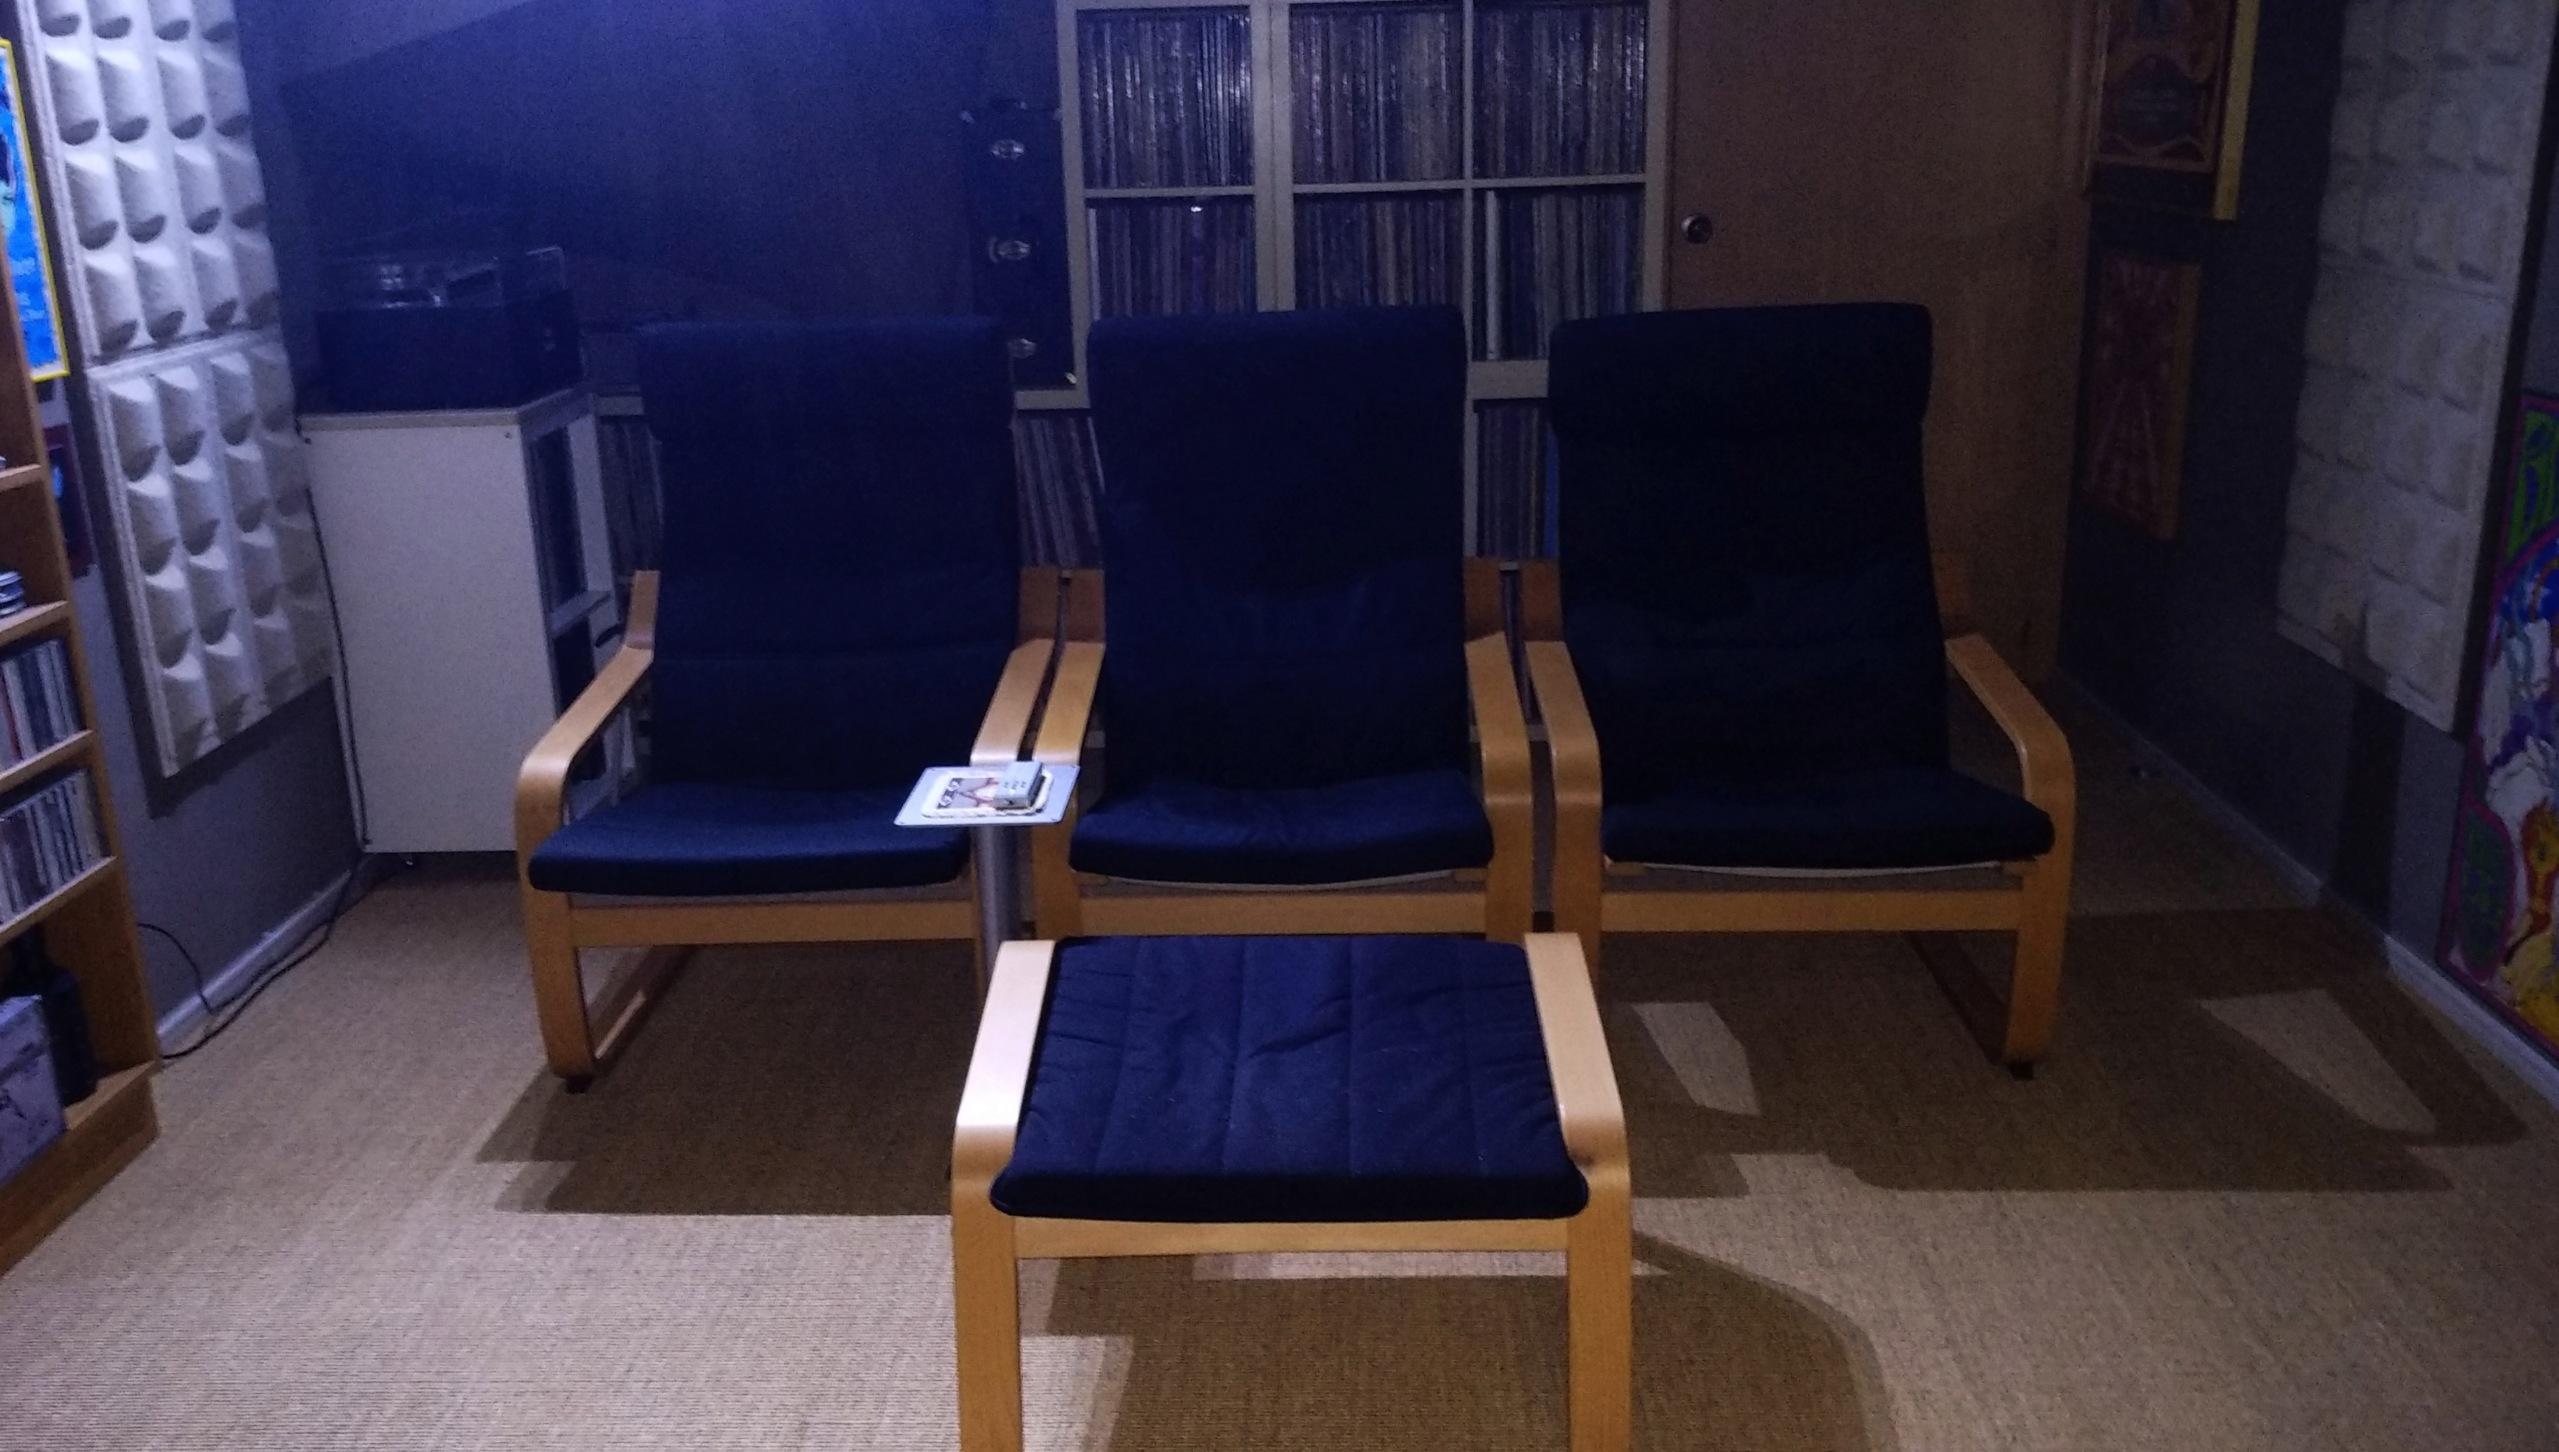 Consejos butaca o sillón para la sala de escucha Img_2035